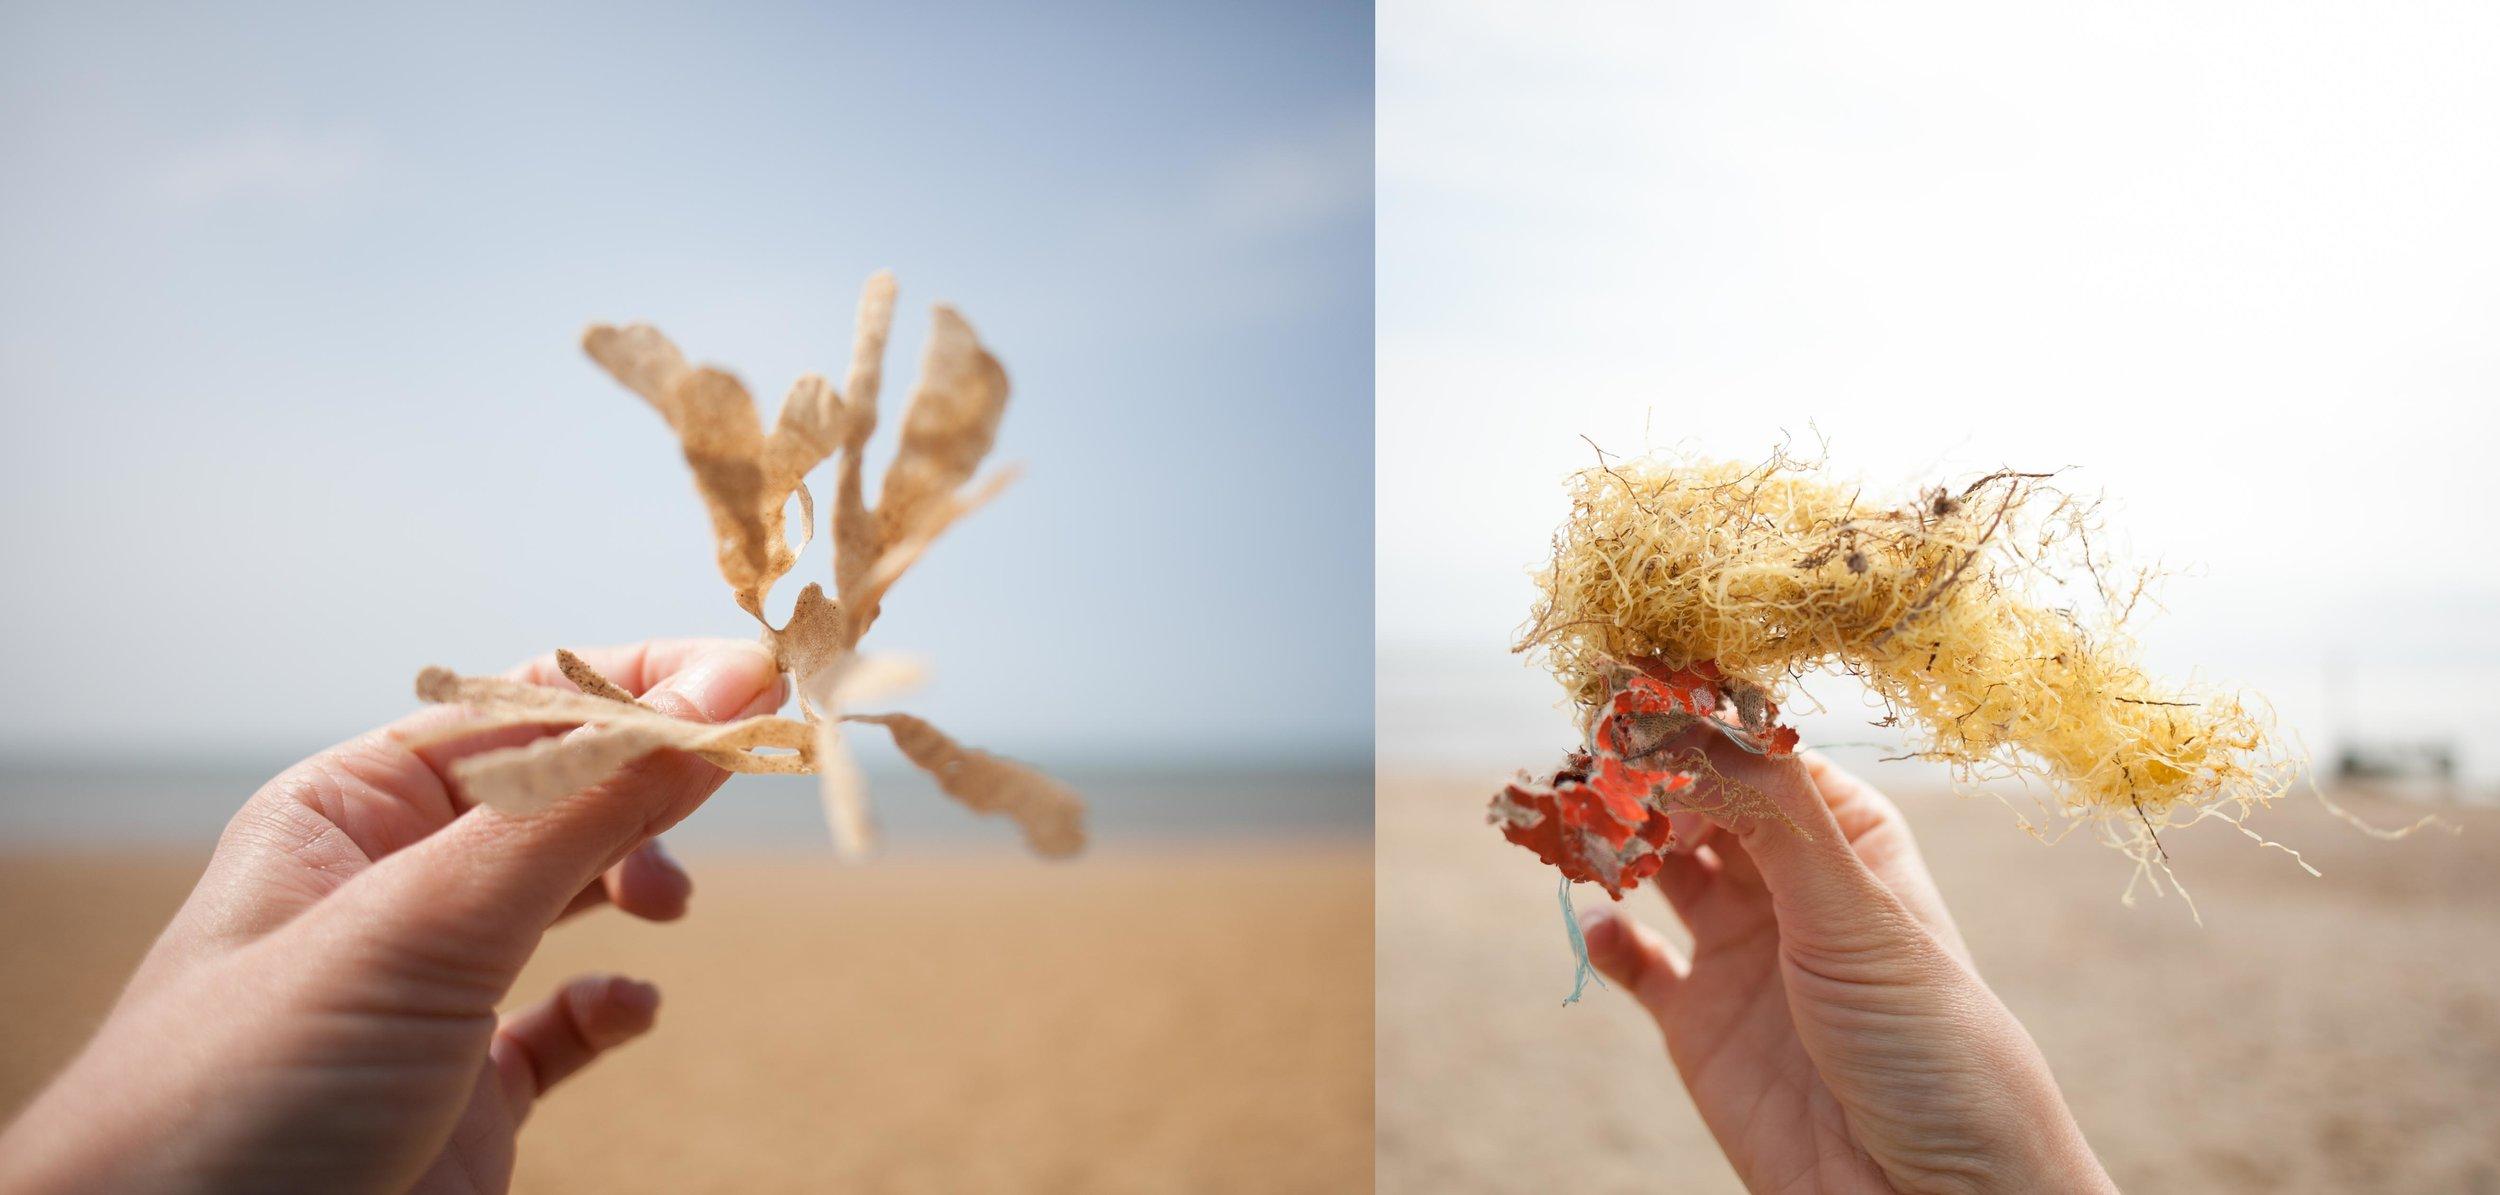 seaweedorplastic.jpg